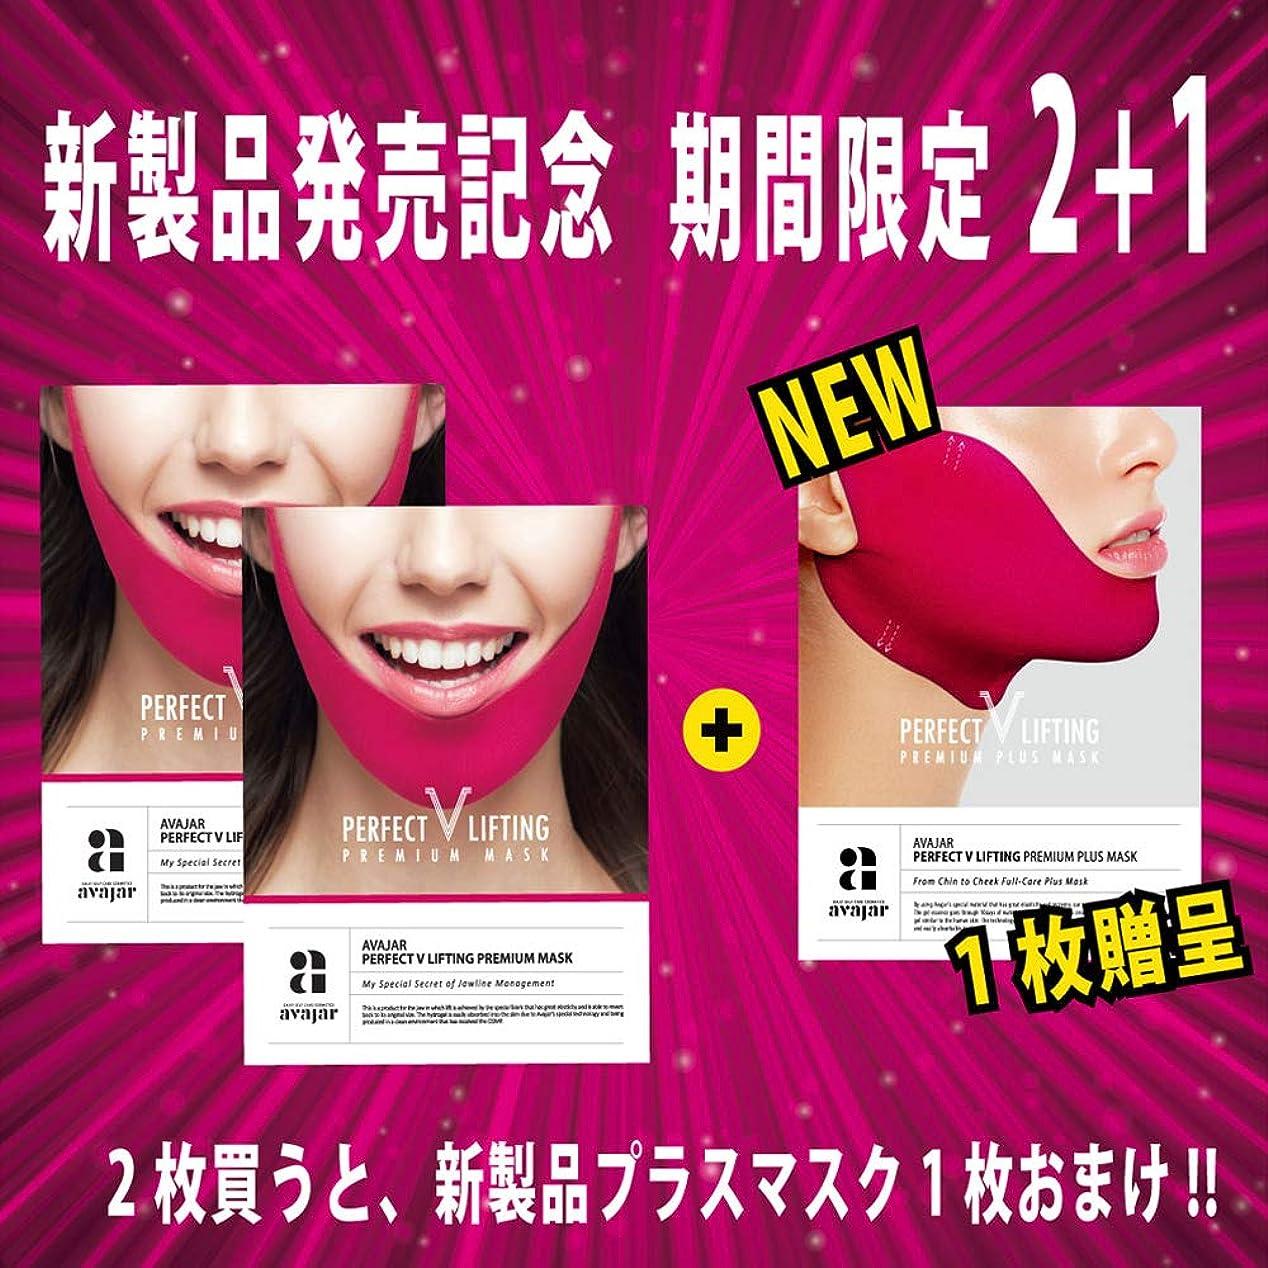 不定予報リビングルーム【新製品販売記念2+1限定】Avajar パーフェクト V リフティング プレミアムマスク 小顔効果と顎ラインを取り戻す 3パック